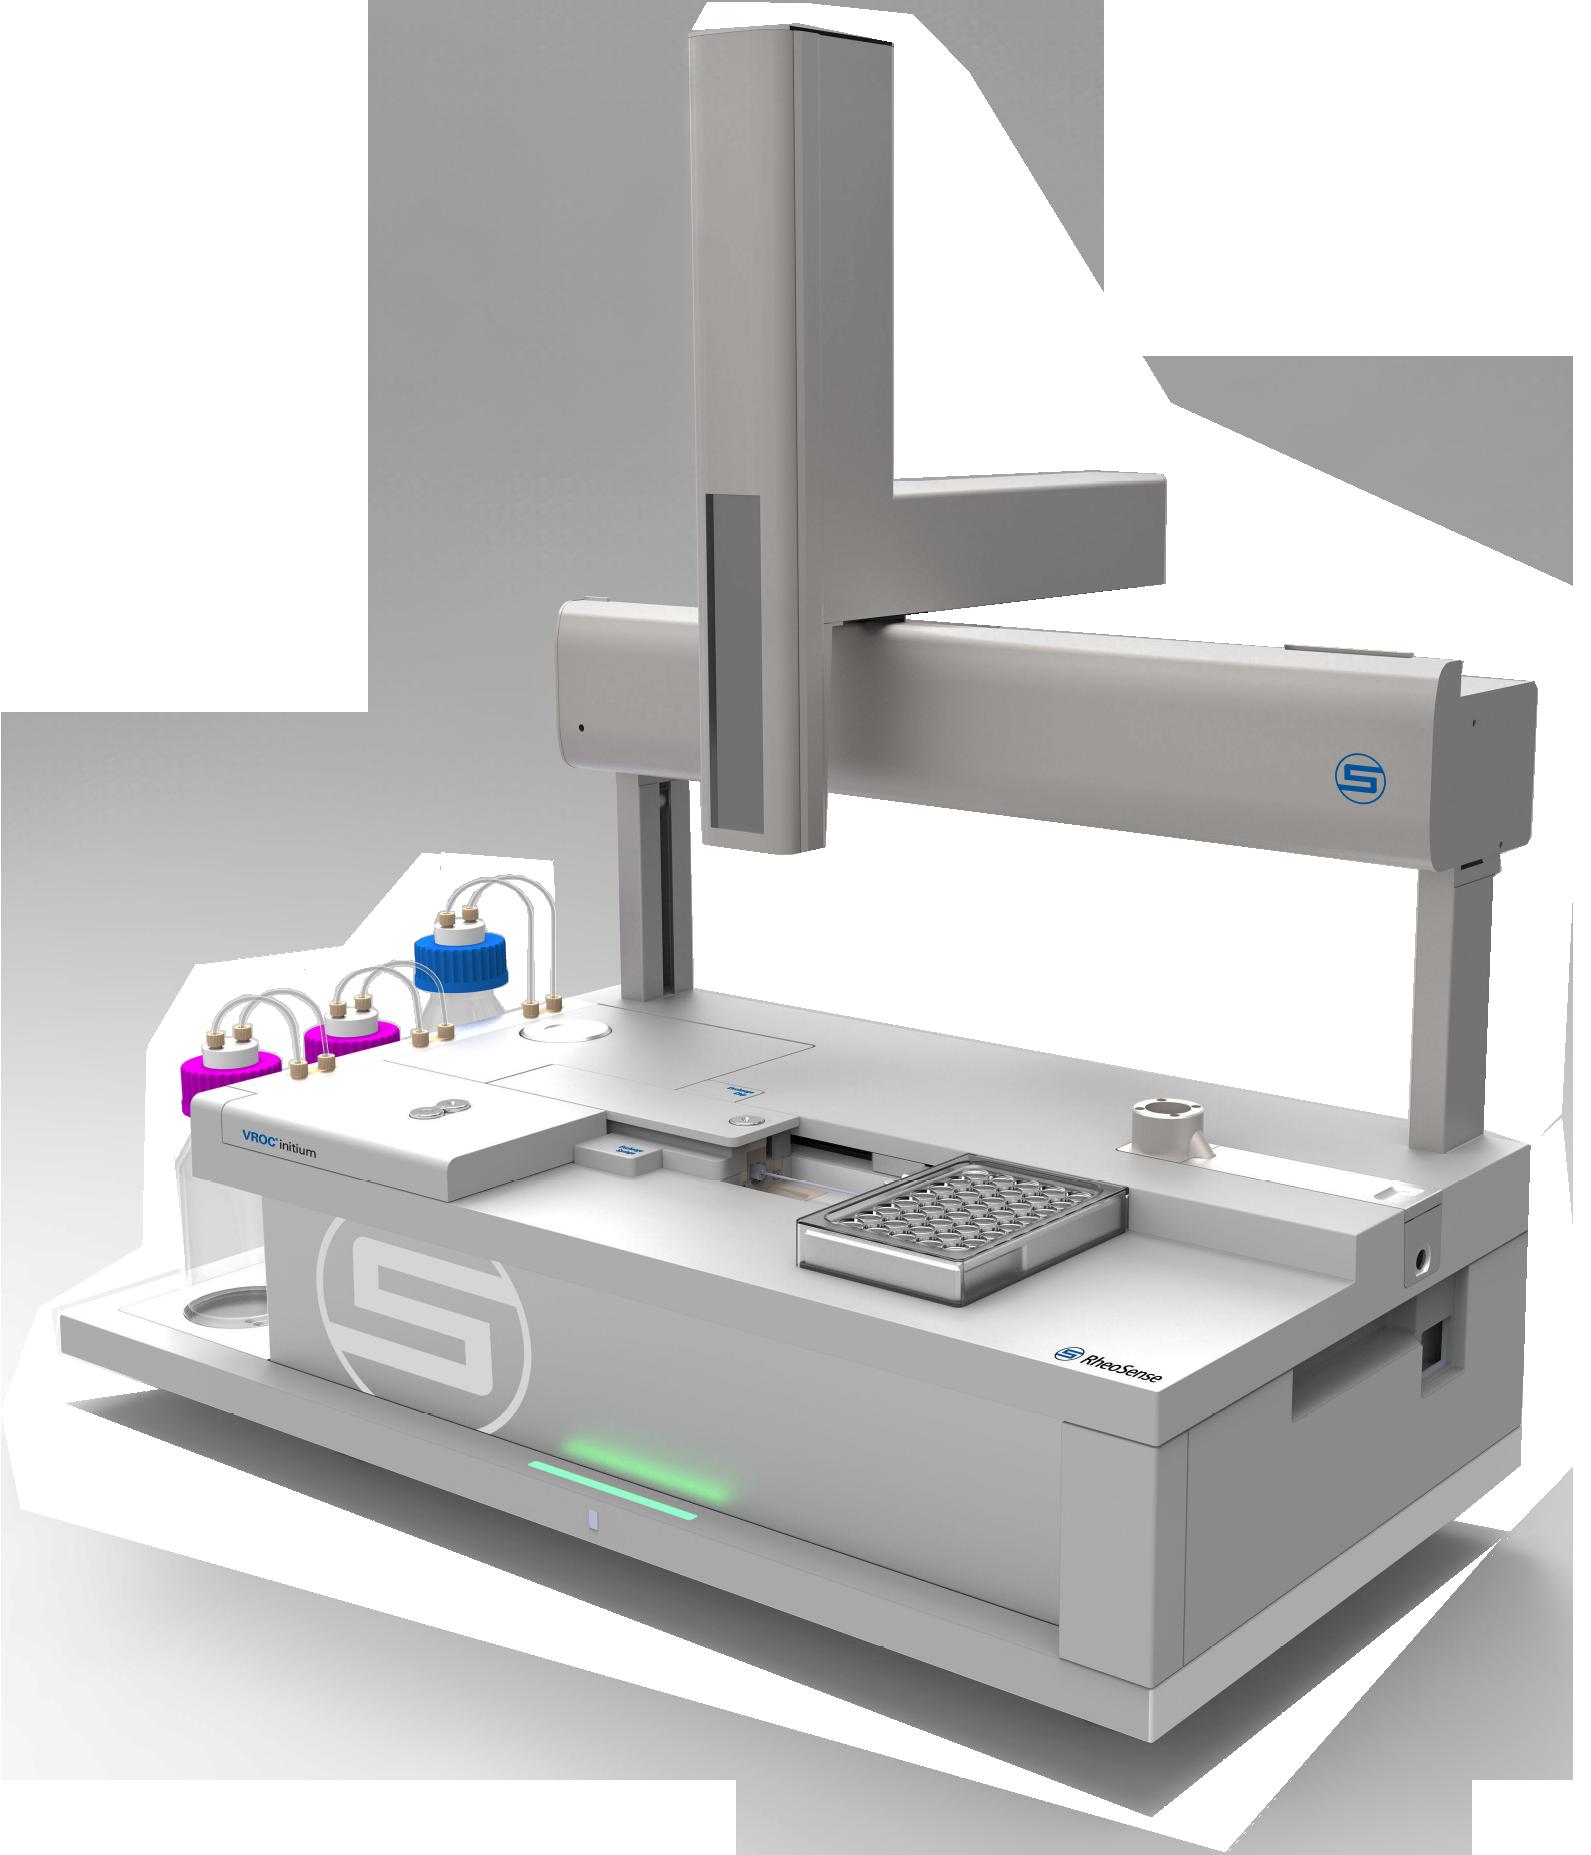 VROC initium, Automatic High Throughput Viscometer